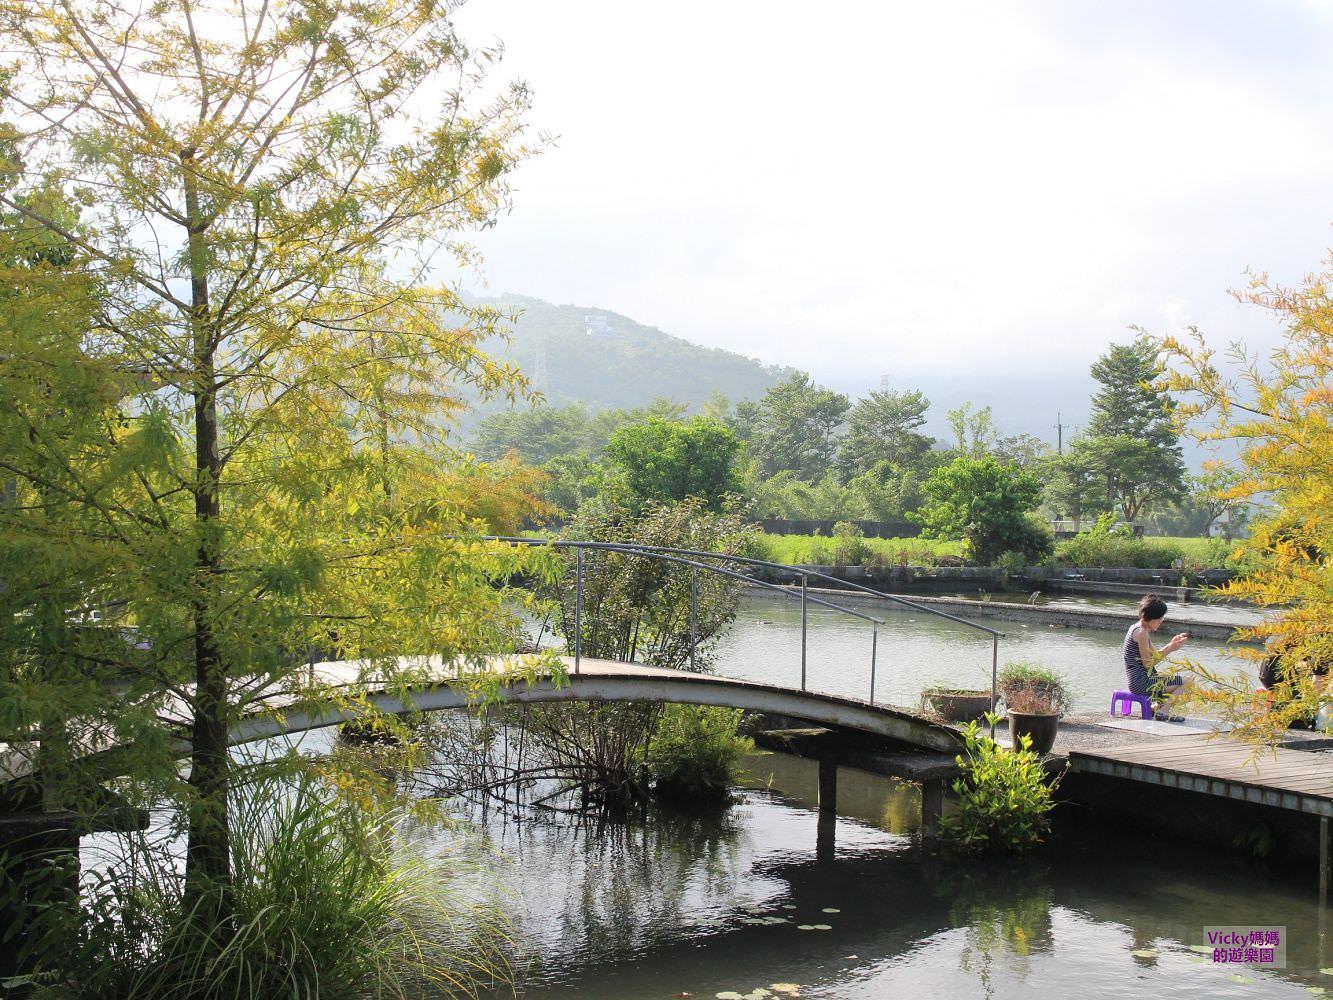 宜蘭旅遊景點︱親子景點︱勝洋水草休閒農場:魚塭上的遊戲場,DIY超吸睛生態瓶火山蝦,來這邊玩水和DIY就對啦